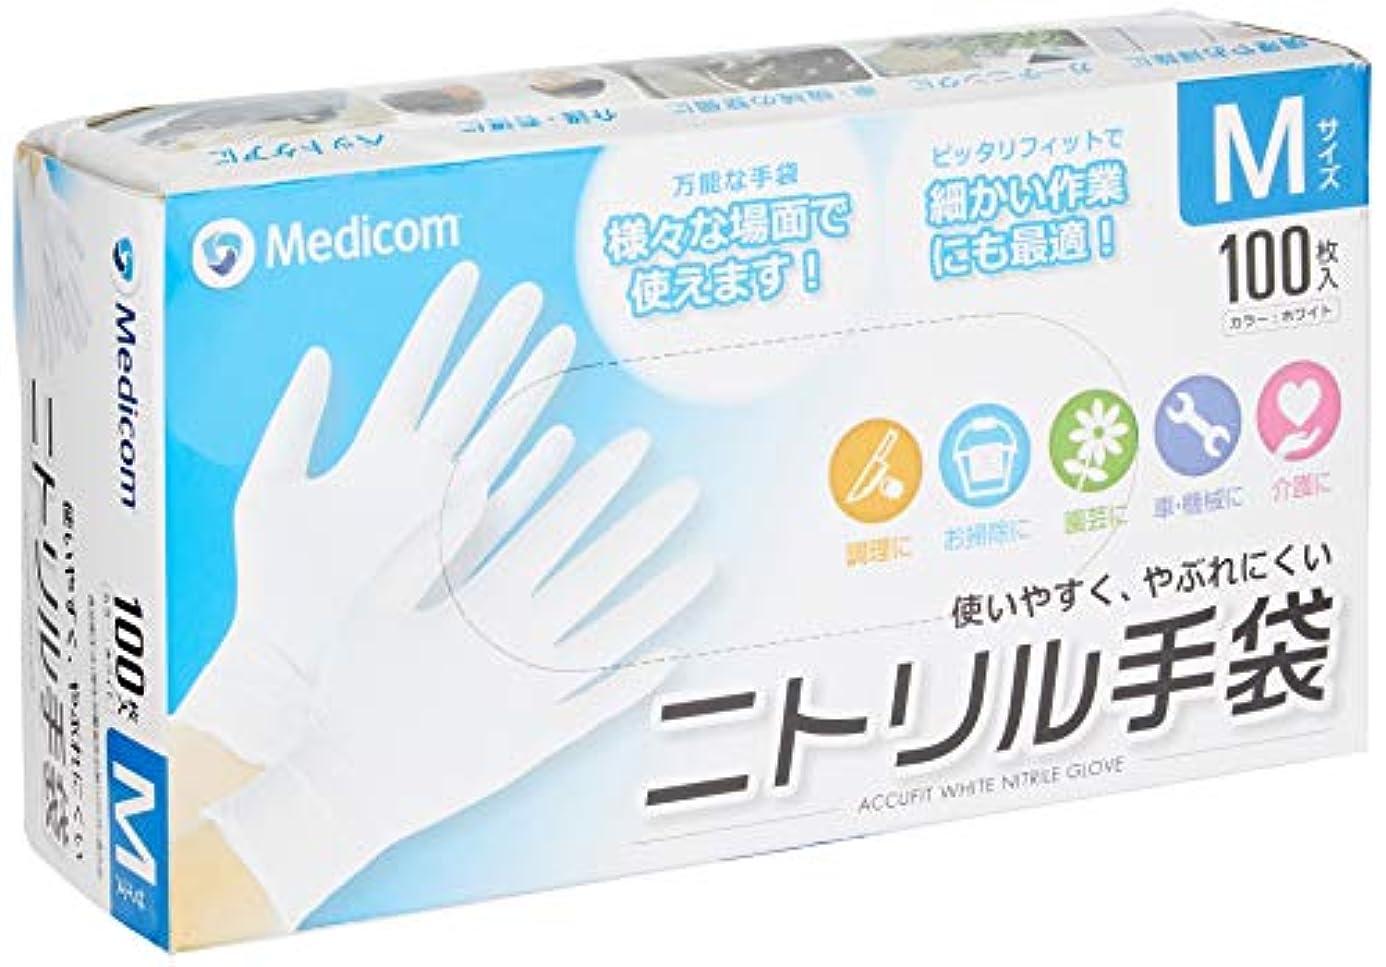 ネズミショートお金ゴム【Amazon.co.jp 限定】アキュフィット ホワイト ニトリル手袋 Mサイズ ACFJN1284C